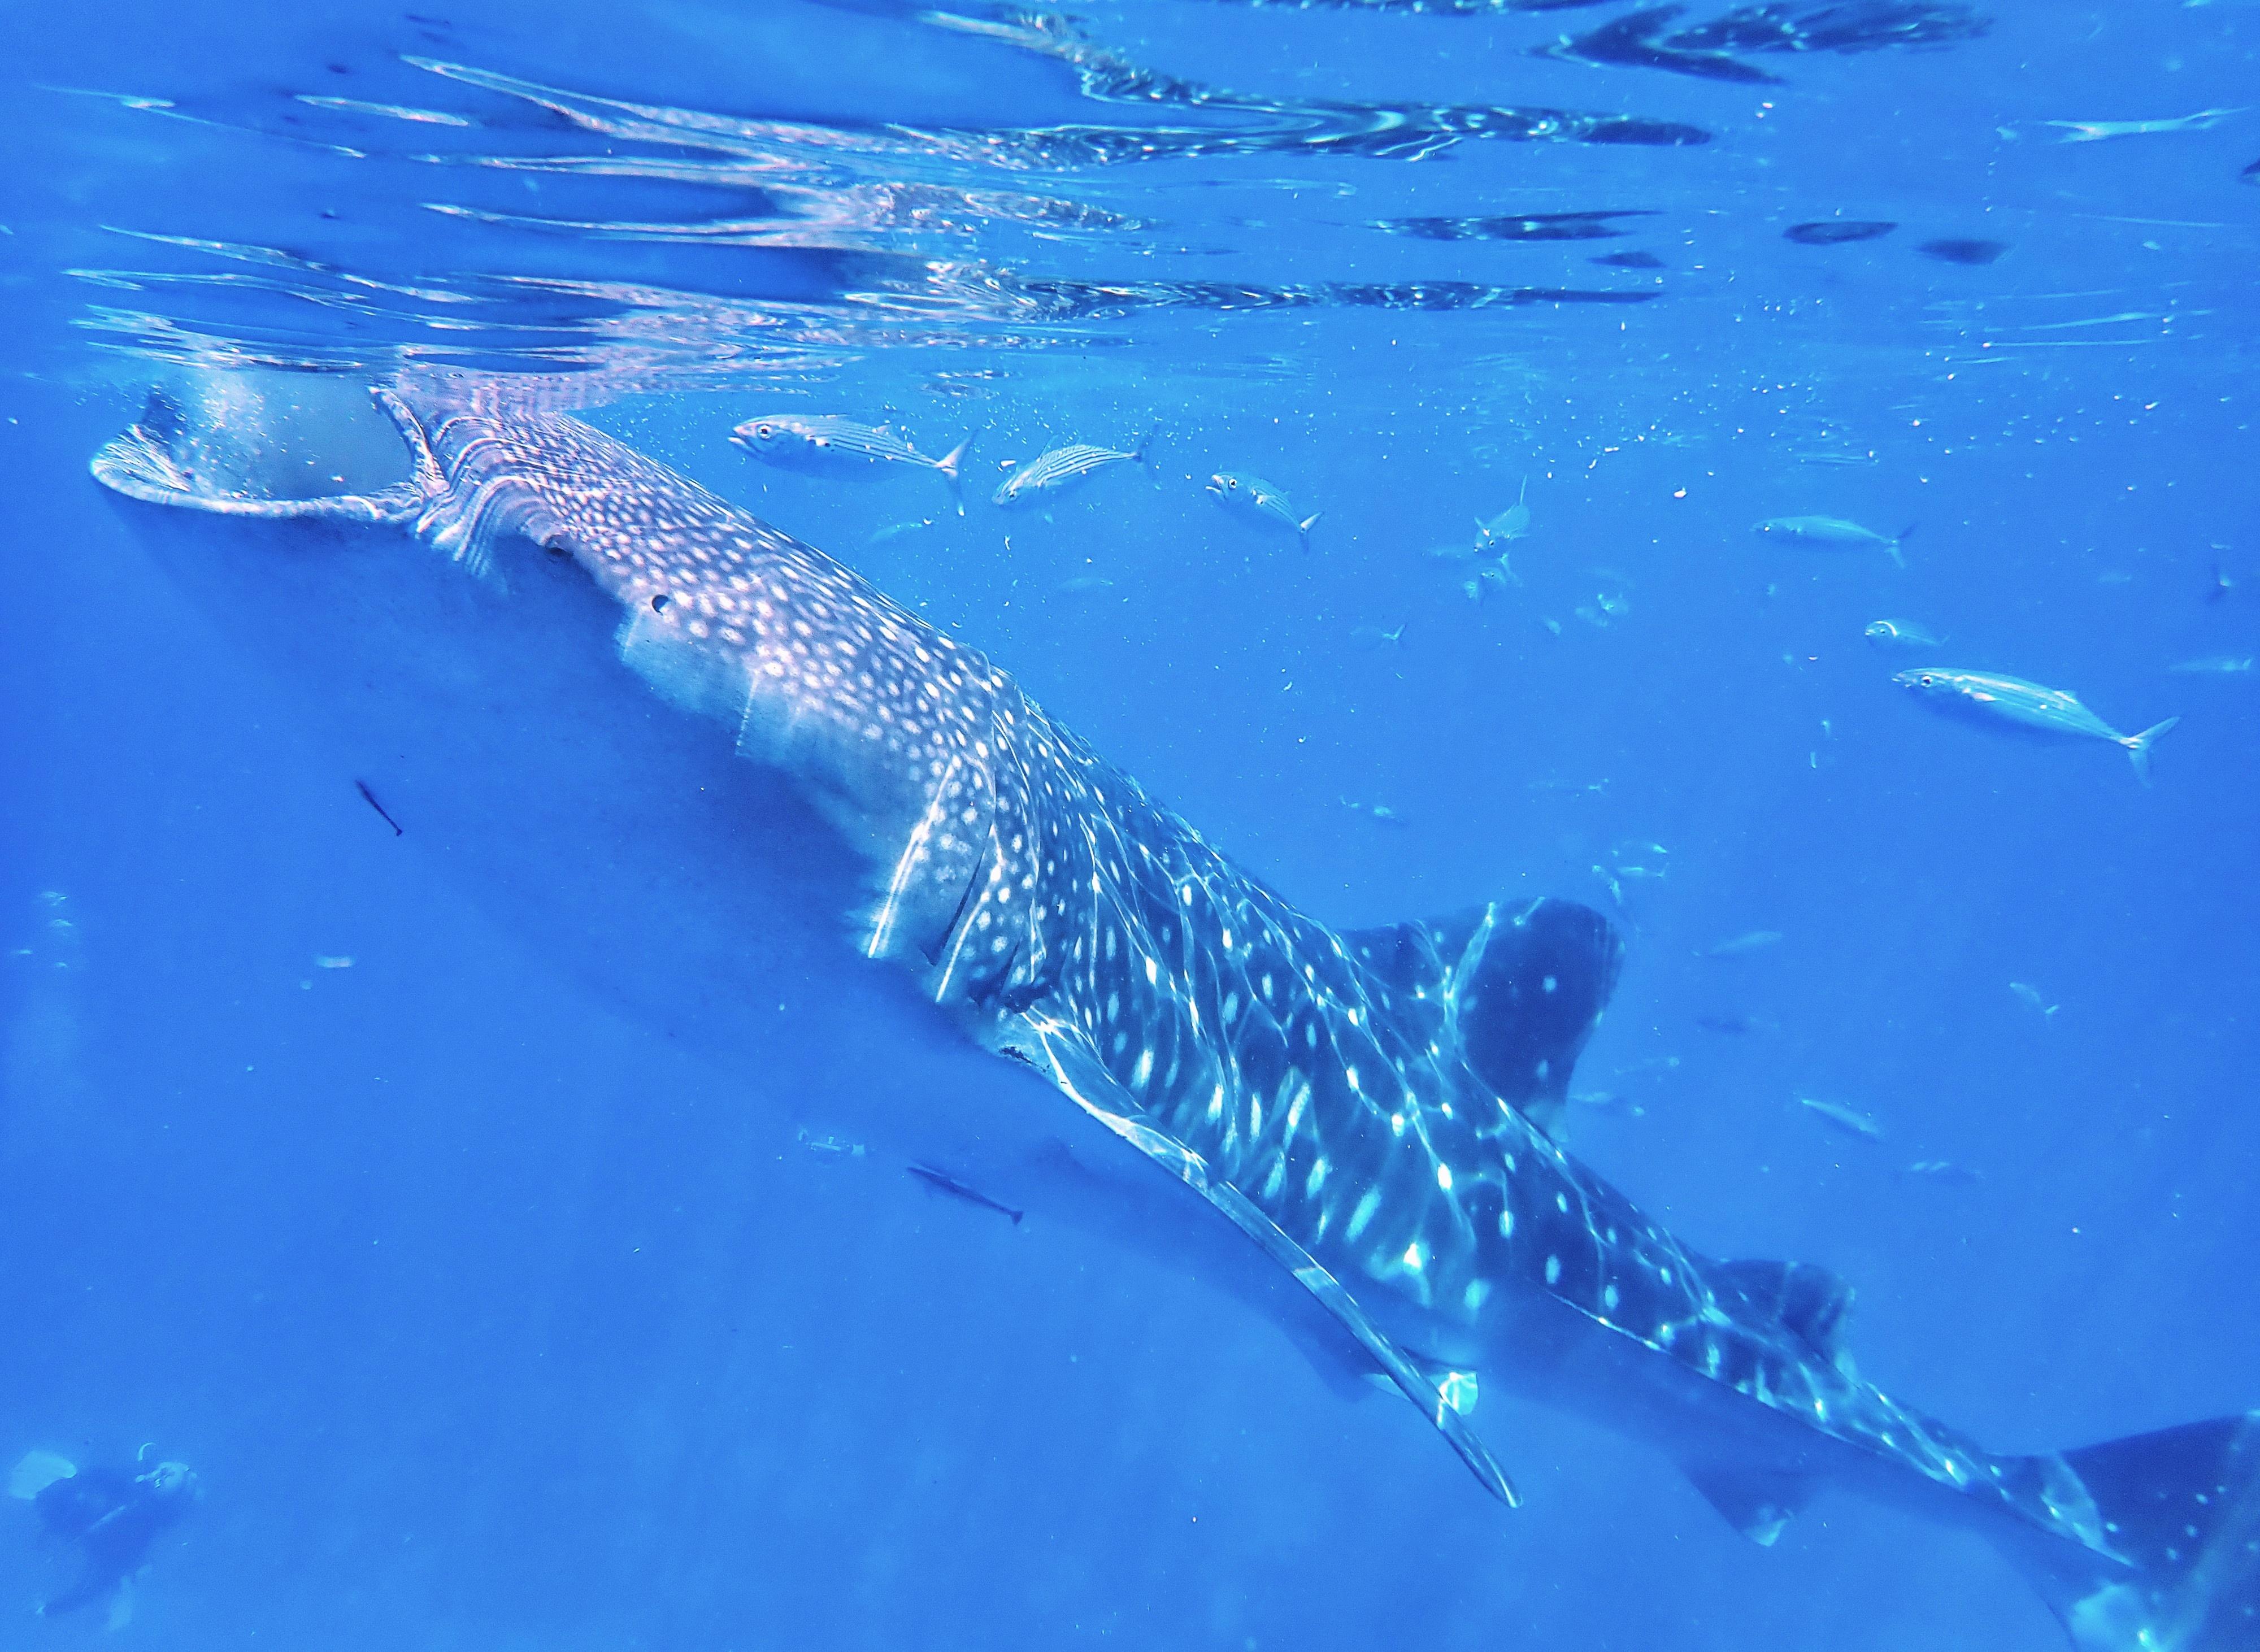 먹이를 먹으려 입을 벌리고 있는 고래상어